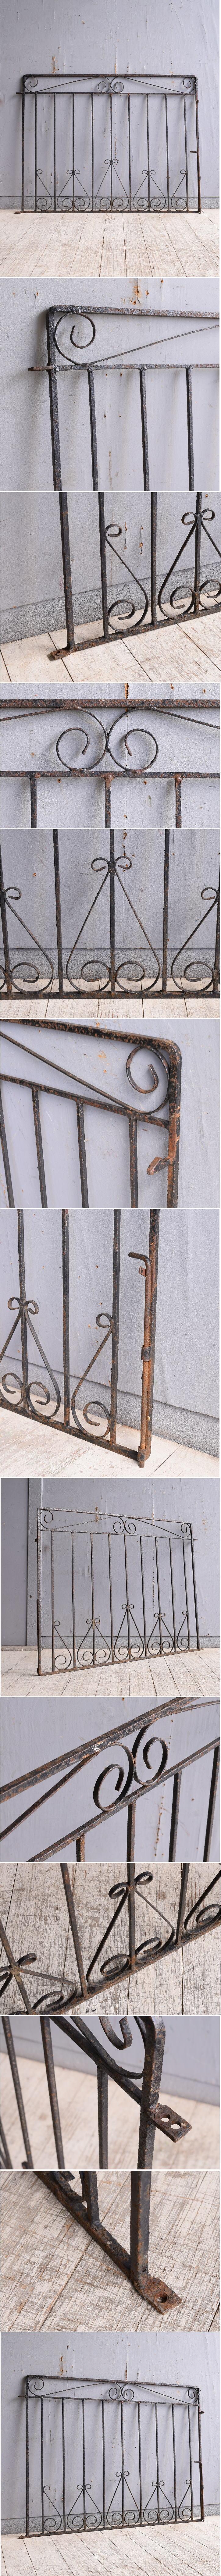 イギリス アンティーク アイアンフェンス ゲート柵 ガーデニング 10004